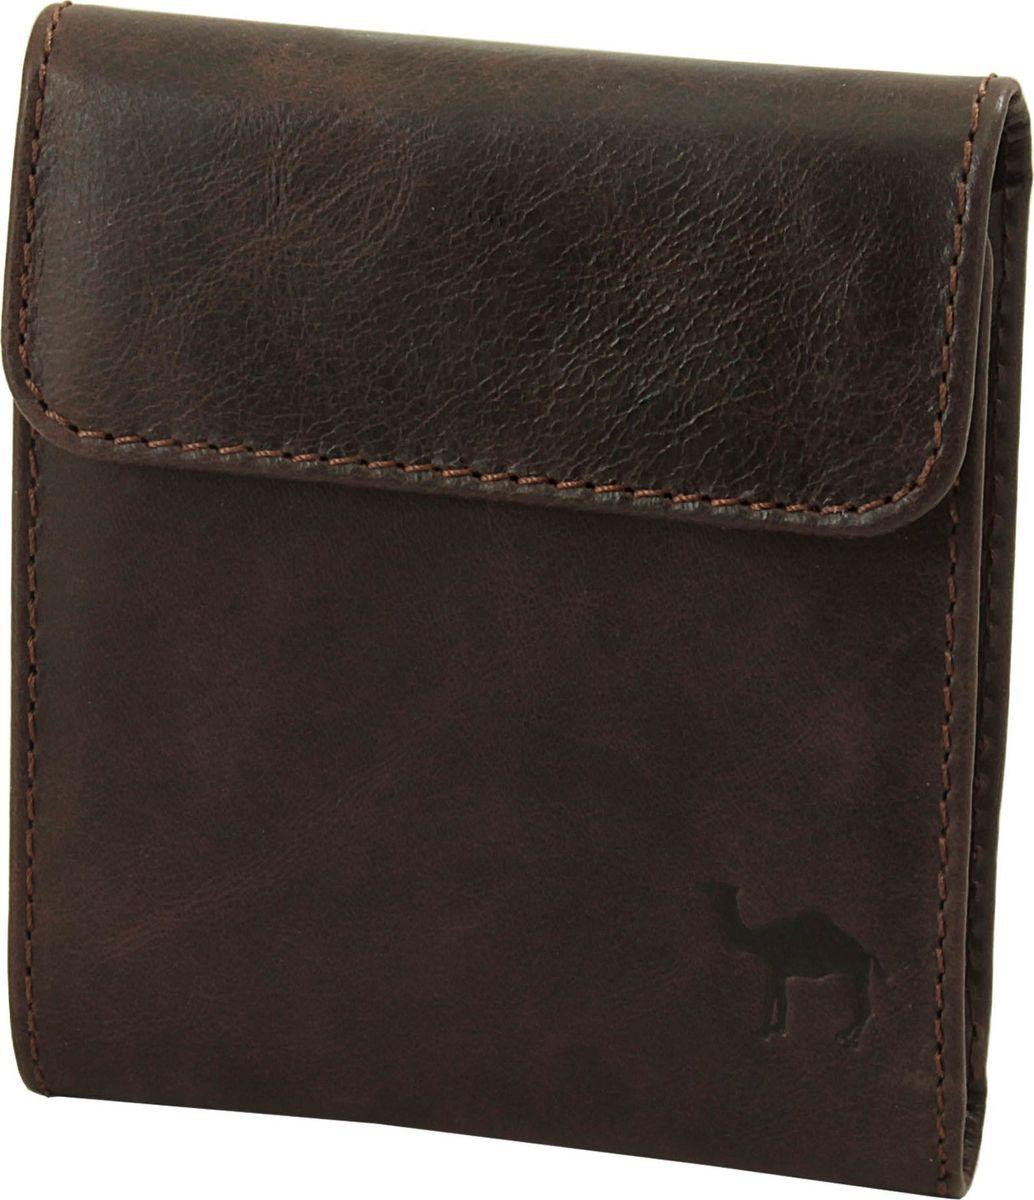 Портмоне мужское Dimanche Camel, цвет: коричневый. 279/К279/К_коричневыйУдобное портмоне Dimanche Camel изготовлено из натуральной кожи. Внутри имеется два открытых кармана для купюр и один карман на молнии, три кармашка для визиток/кредиток, два потайных кармана и карман для мелочи на кнопочке.